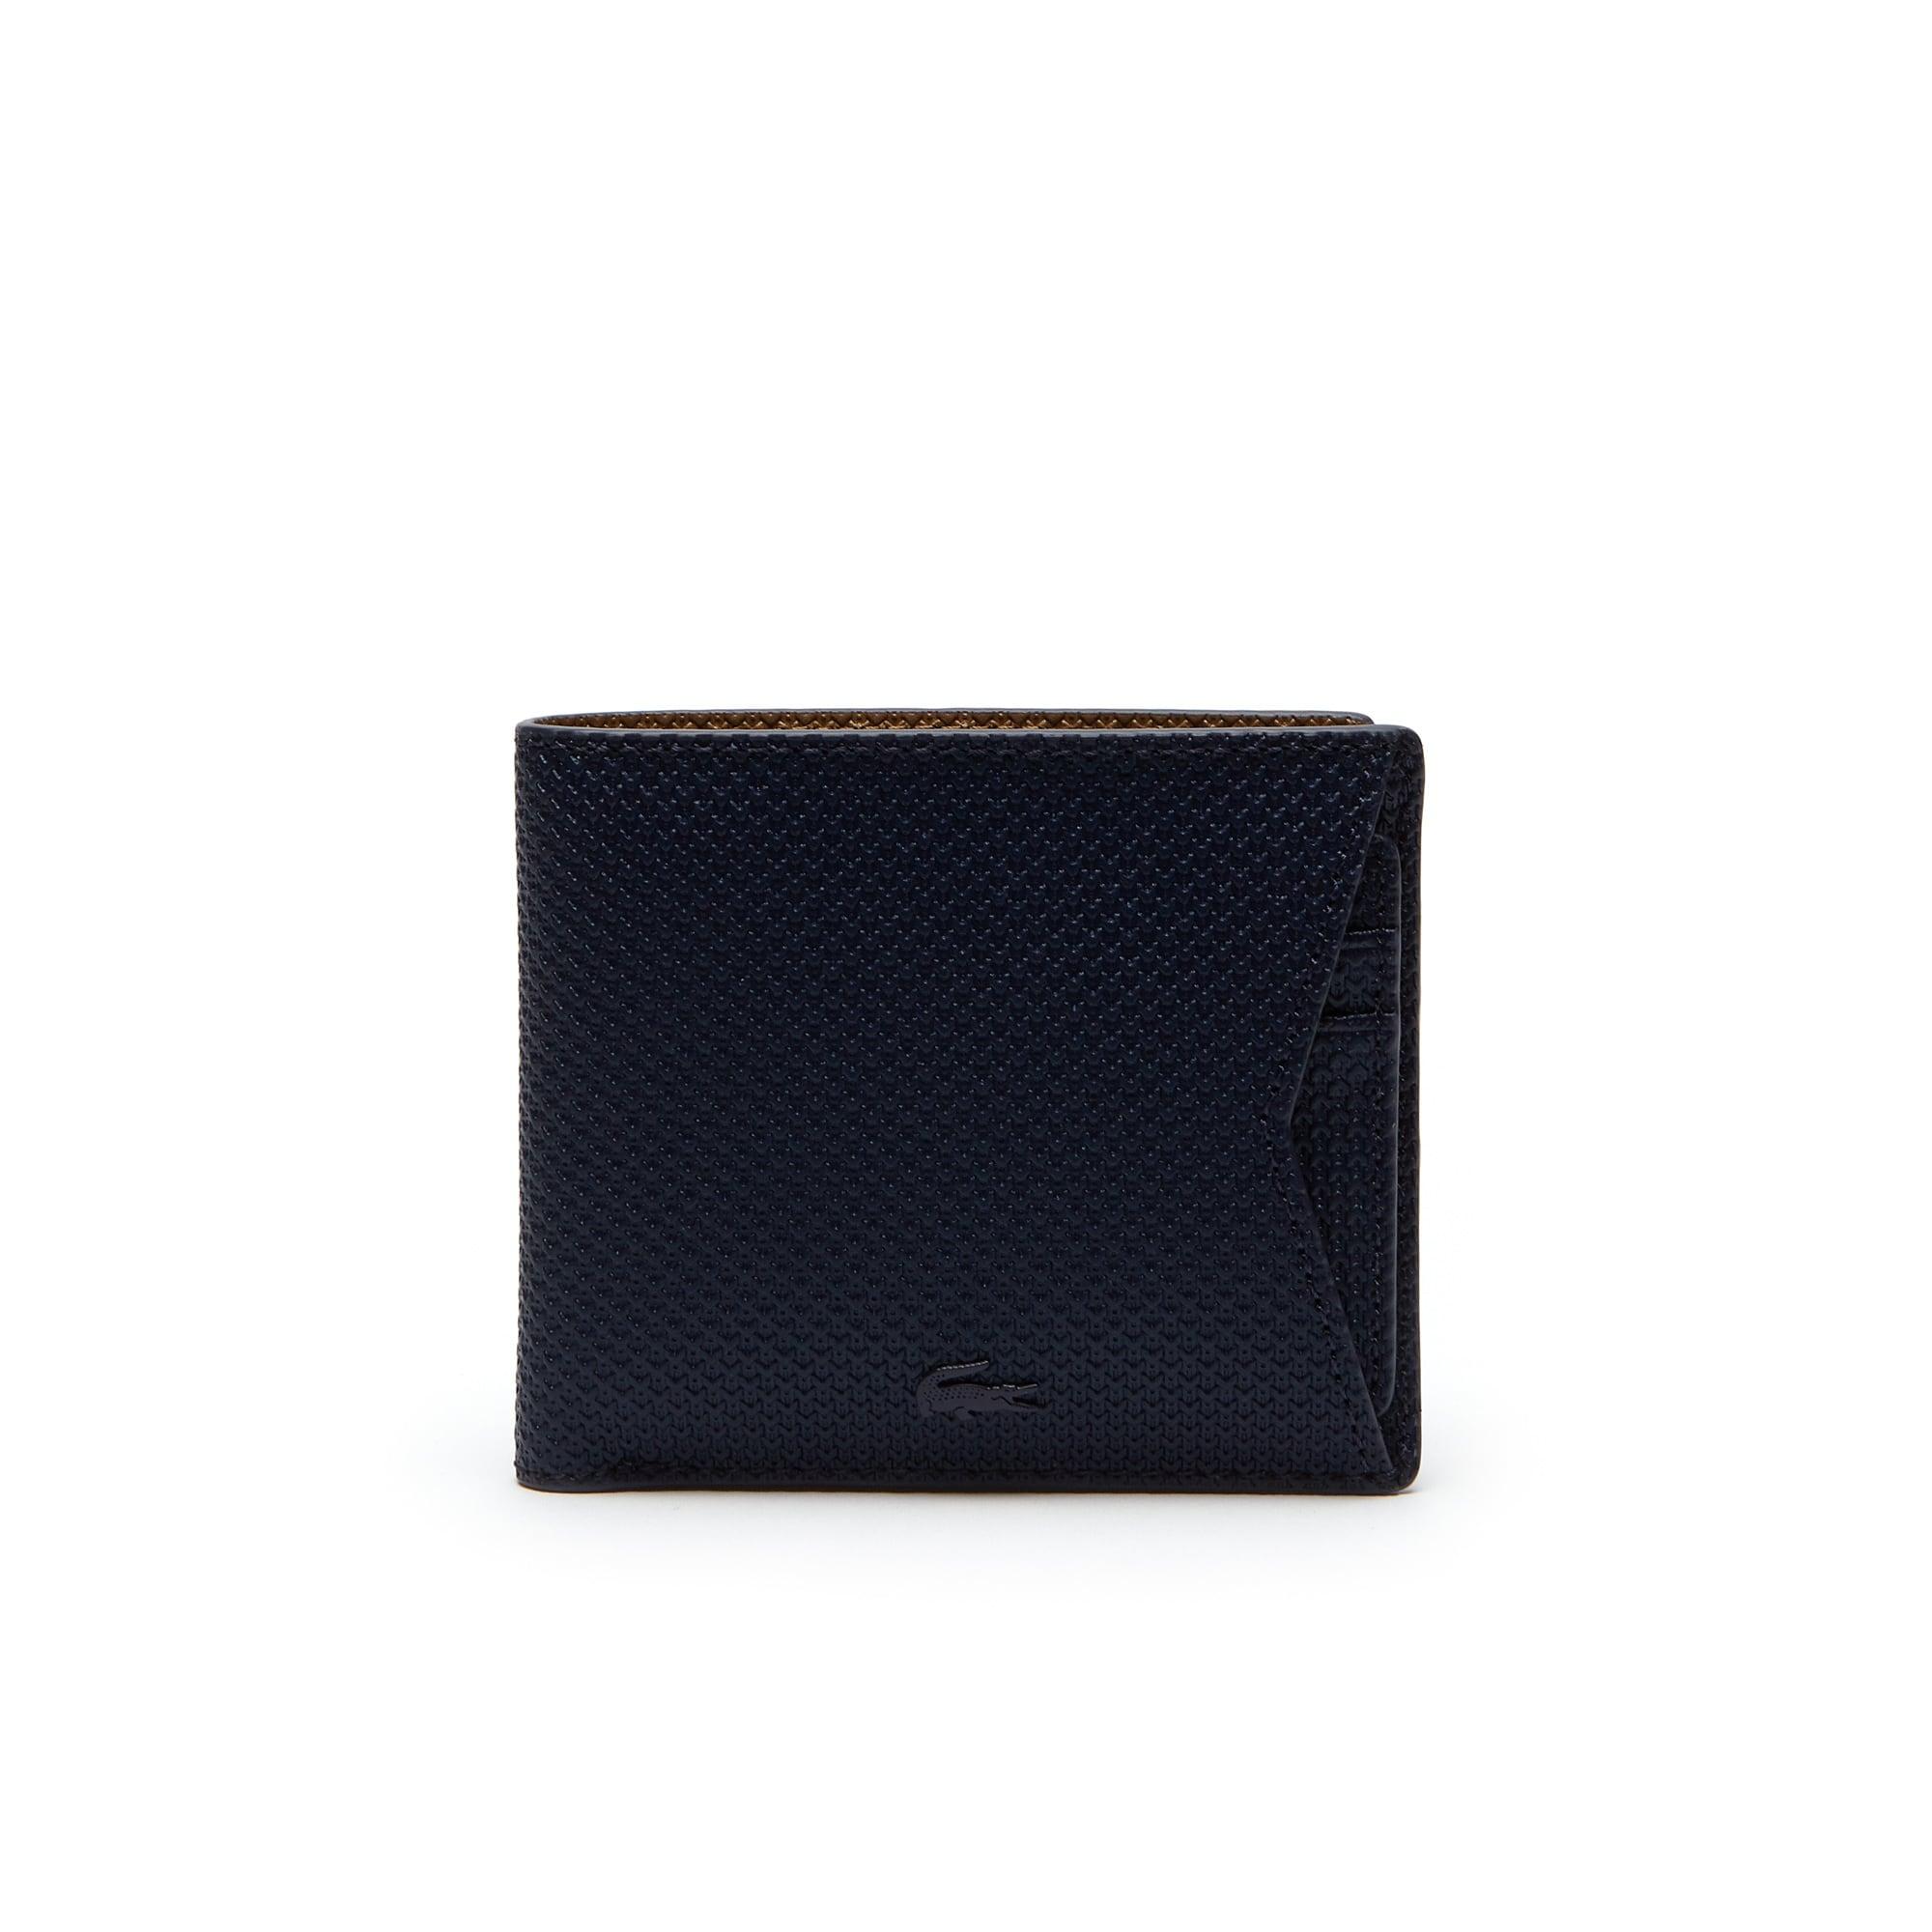 Herren Chantaco Flache Brieftasche Beschichtetes Leder Einfarbig mit Kart Halter